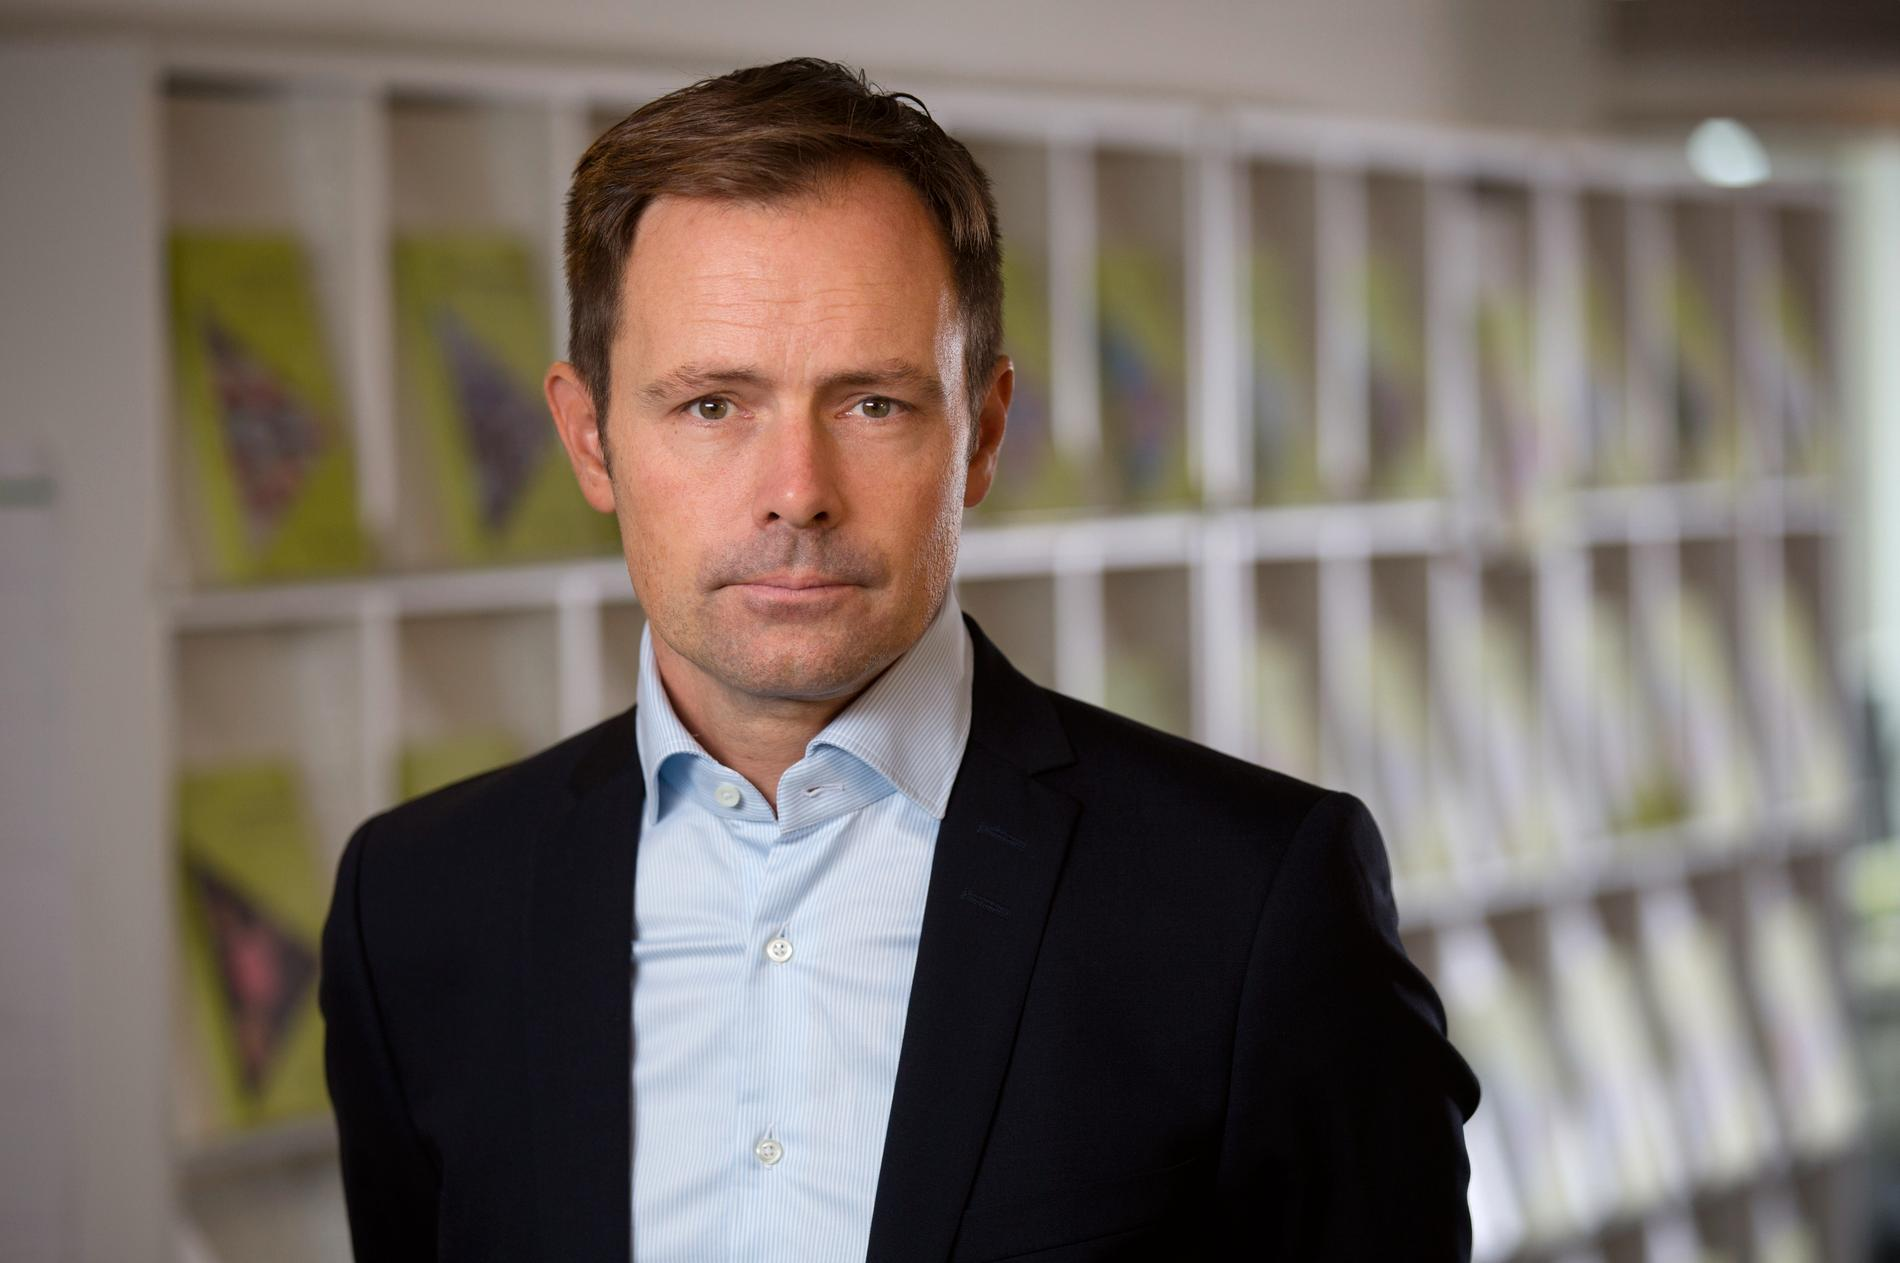 Jean-Luc av Geijerstam, generaldirektör på Vårdanalys. Pressbild.